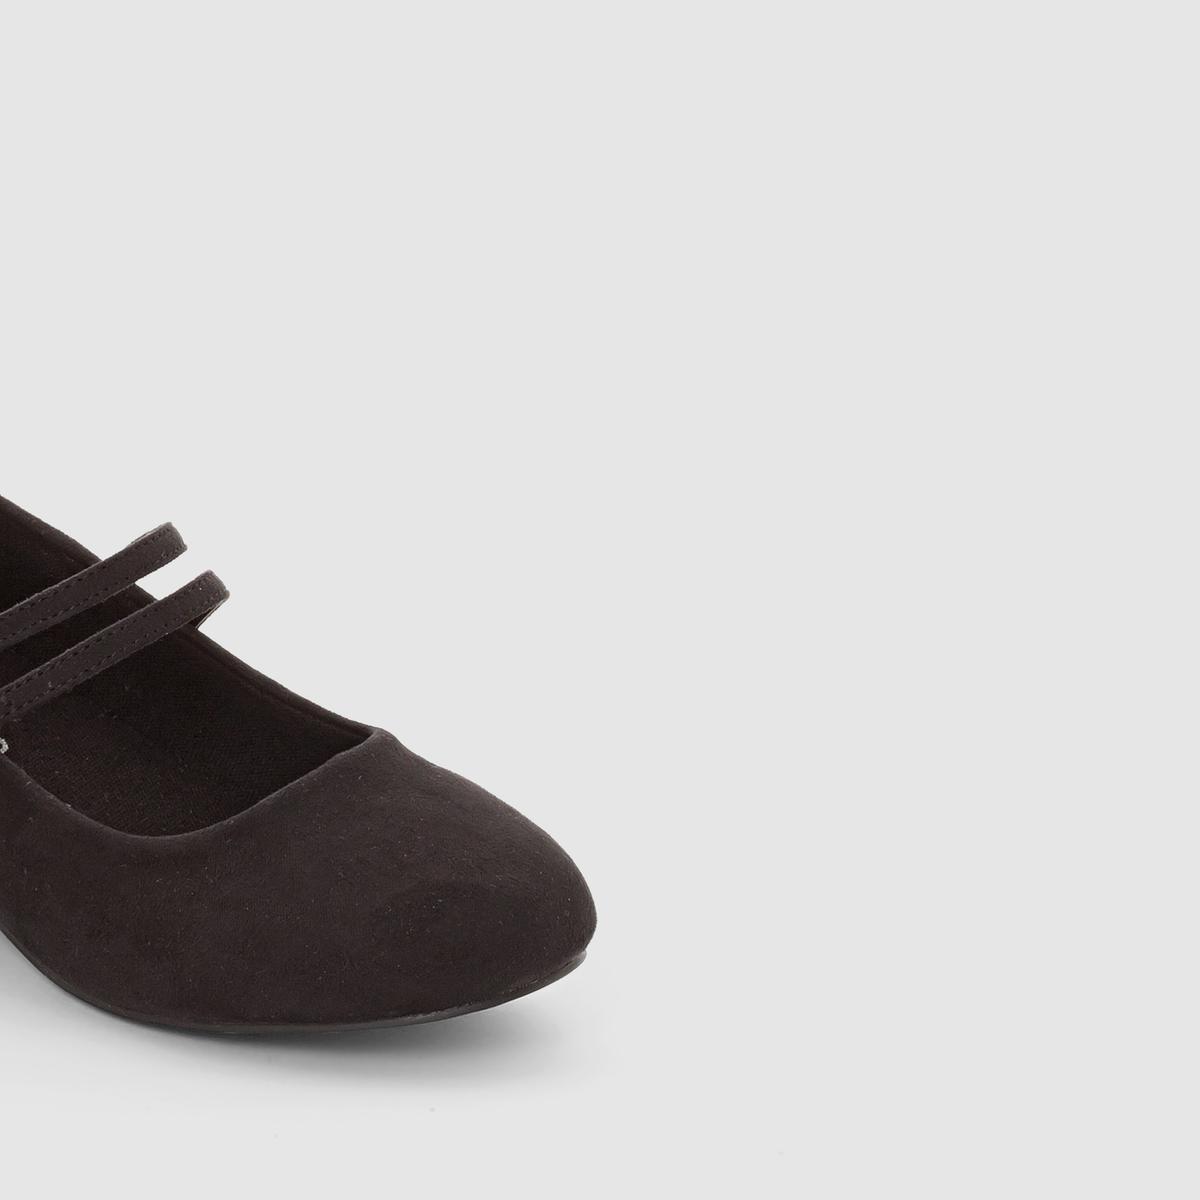 Балетки с двойным ремешком на маленьком каблуке с блесткамиБалетки с двойным ремешком на маленьком каблуке с блестками, abcd R .Верх : синтетика.Подкладка : текстильСтелька : текстильПодошва : из эластомераЗастежка : ремешокВысота каблука : 2 см  2 ремешка придают изысканную нотку и обеспечивают отличную поддержку, маленький каблук с блестками выглядит очень стильно : Оригинальные балетки, сочетающие роскоши и стиль !<br><br>Цвет: черный